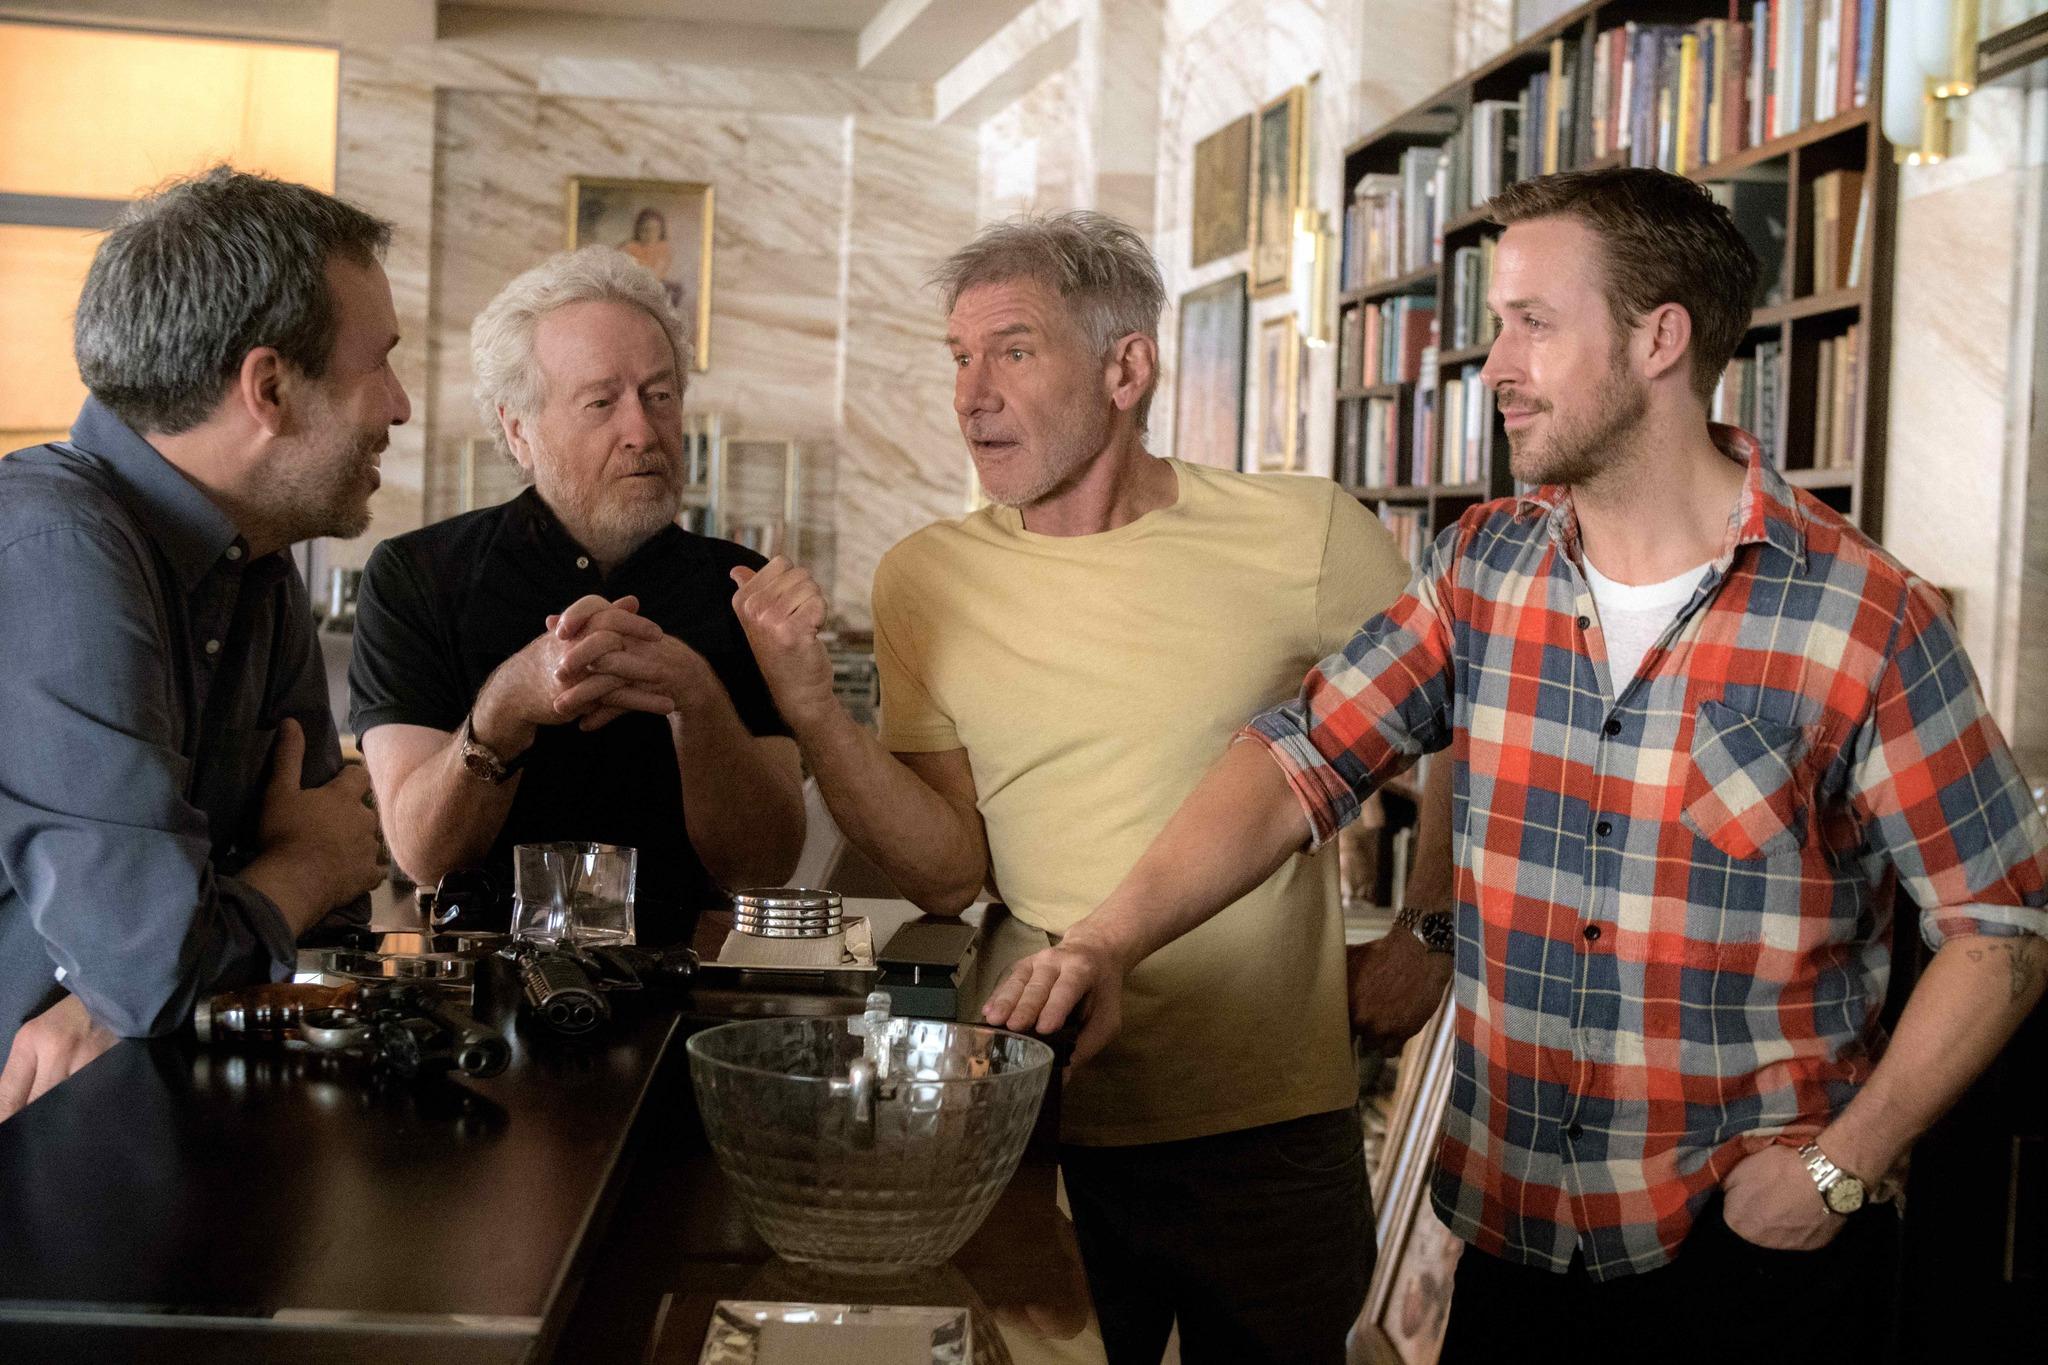 Harrison Ford, Ridley Scott, Ryan Gosling, and Denis Villeneuve in Blade Runner 2049 (2017)